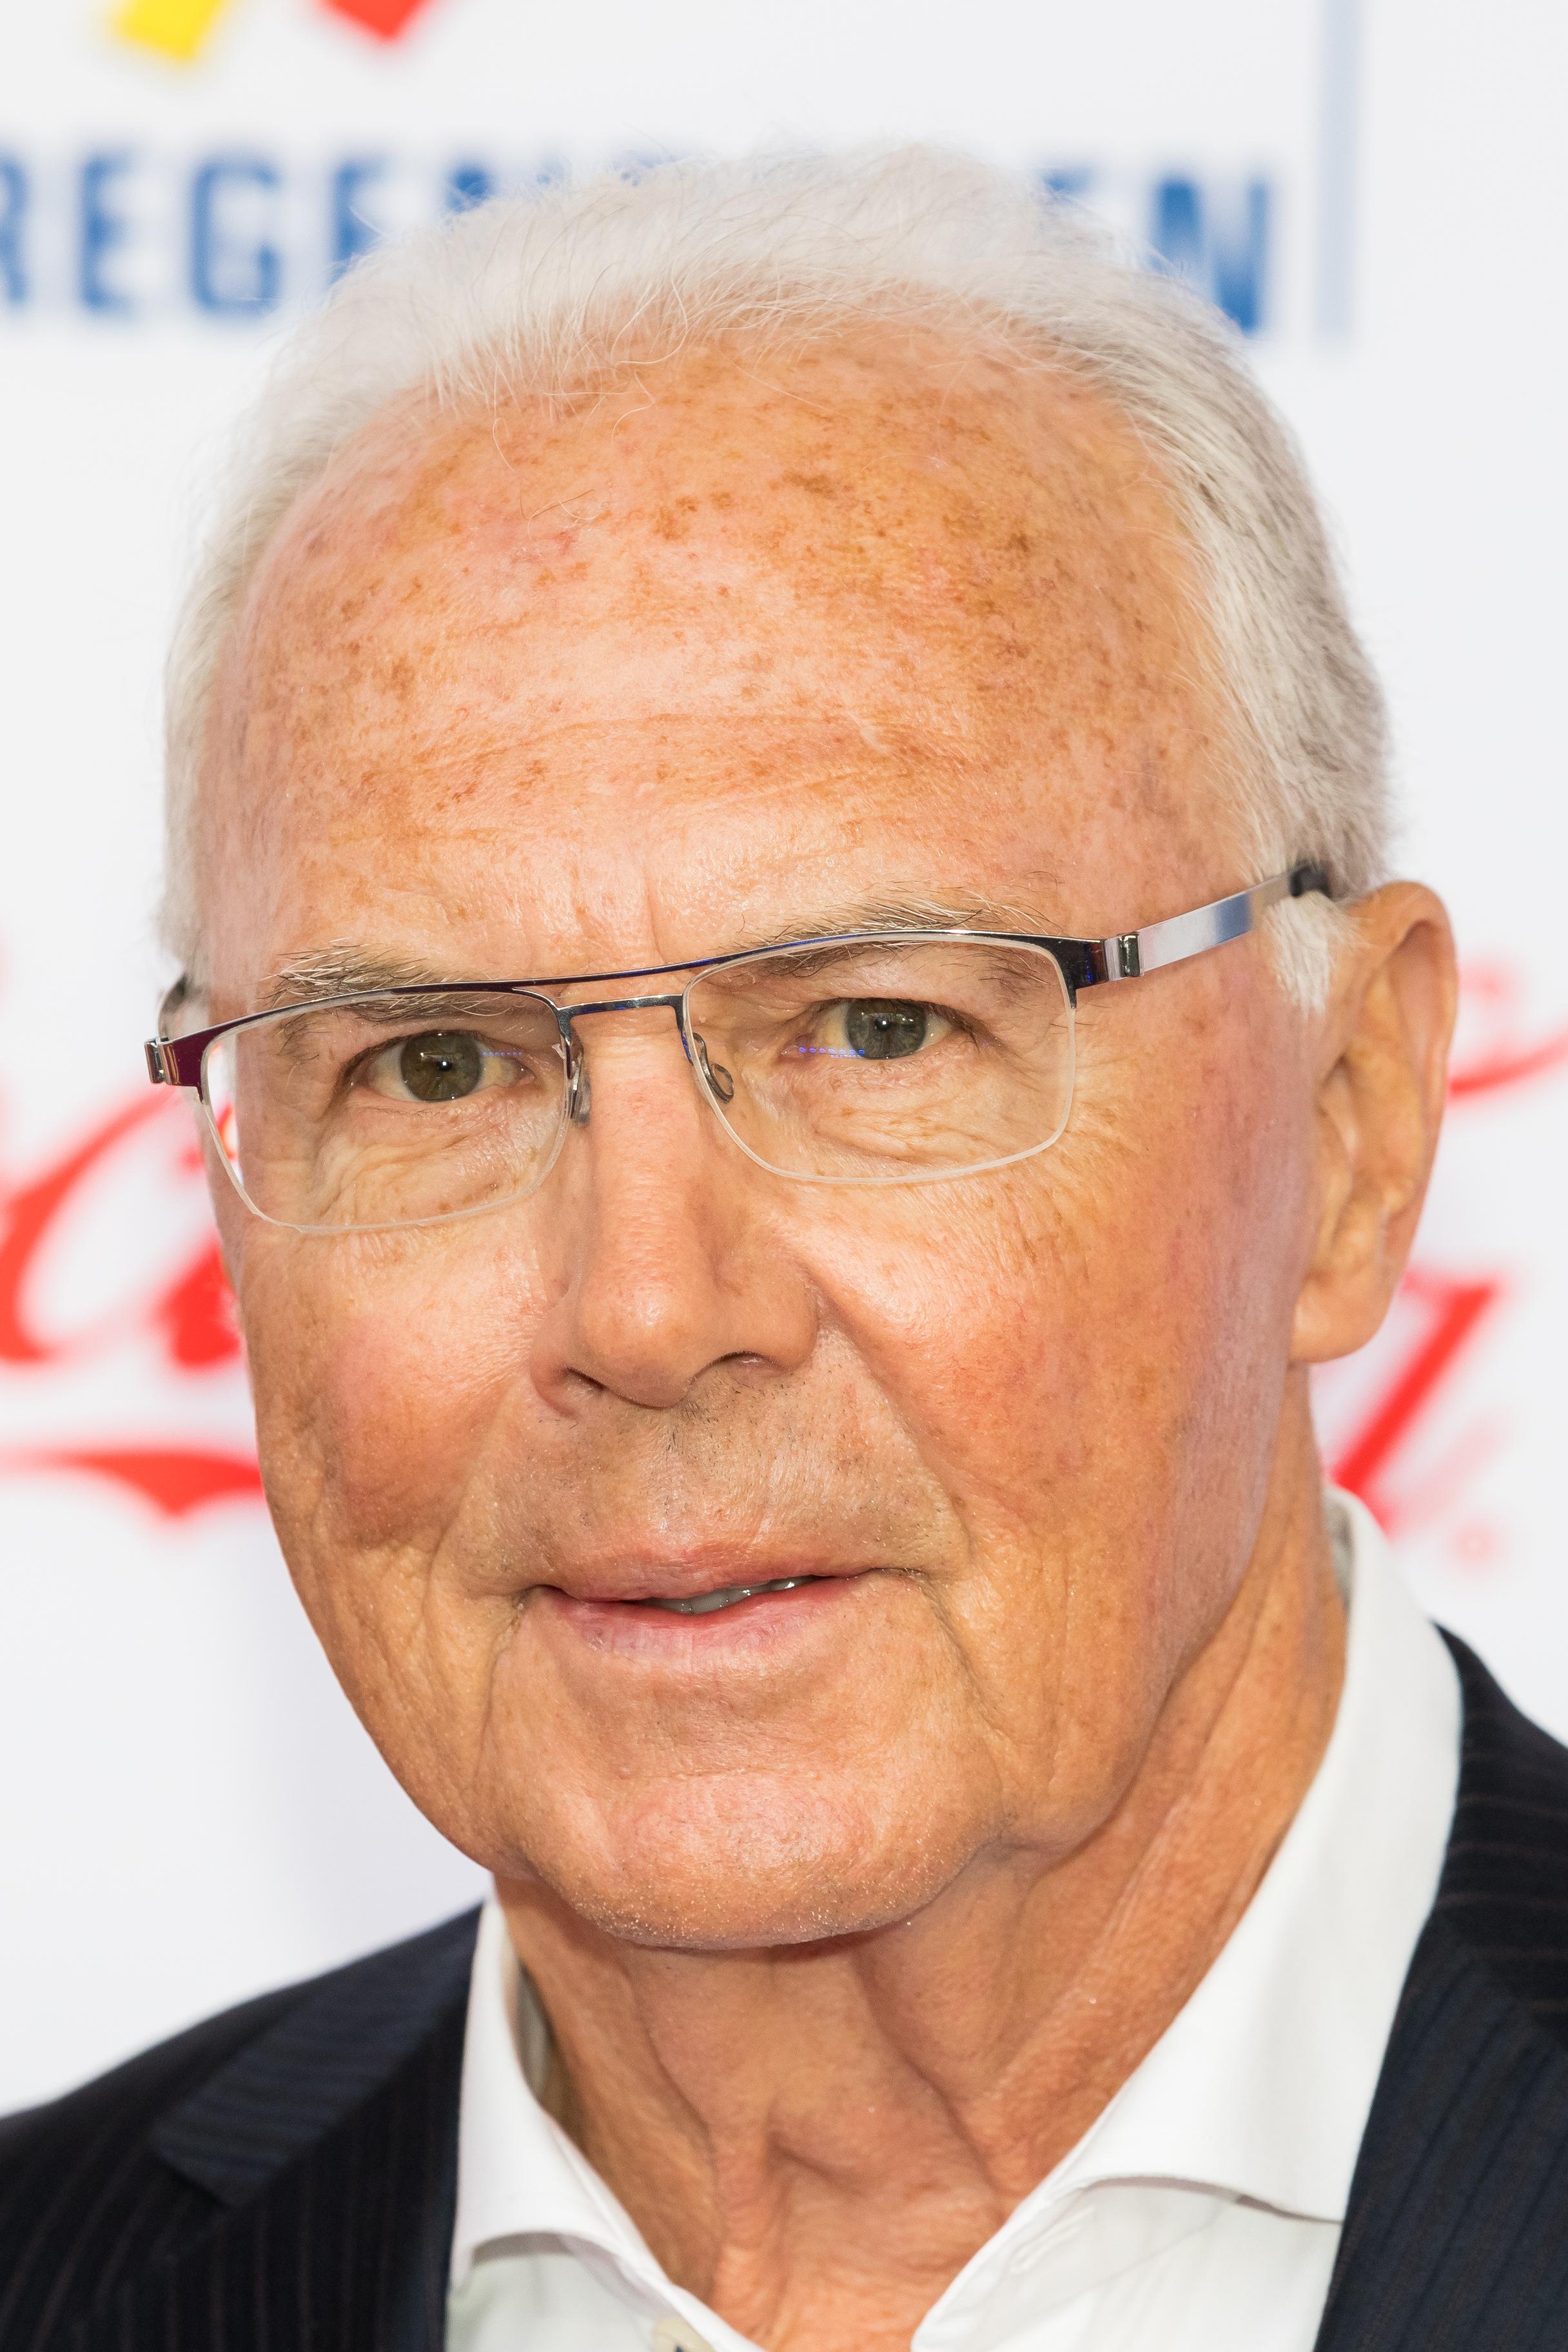 Veja o que saiu no Migalhas sobre Franz Beckenbauer